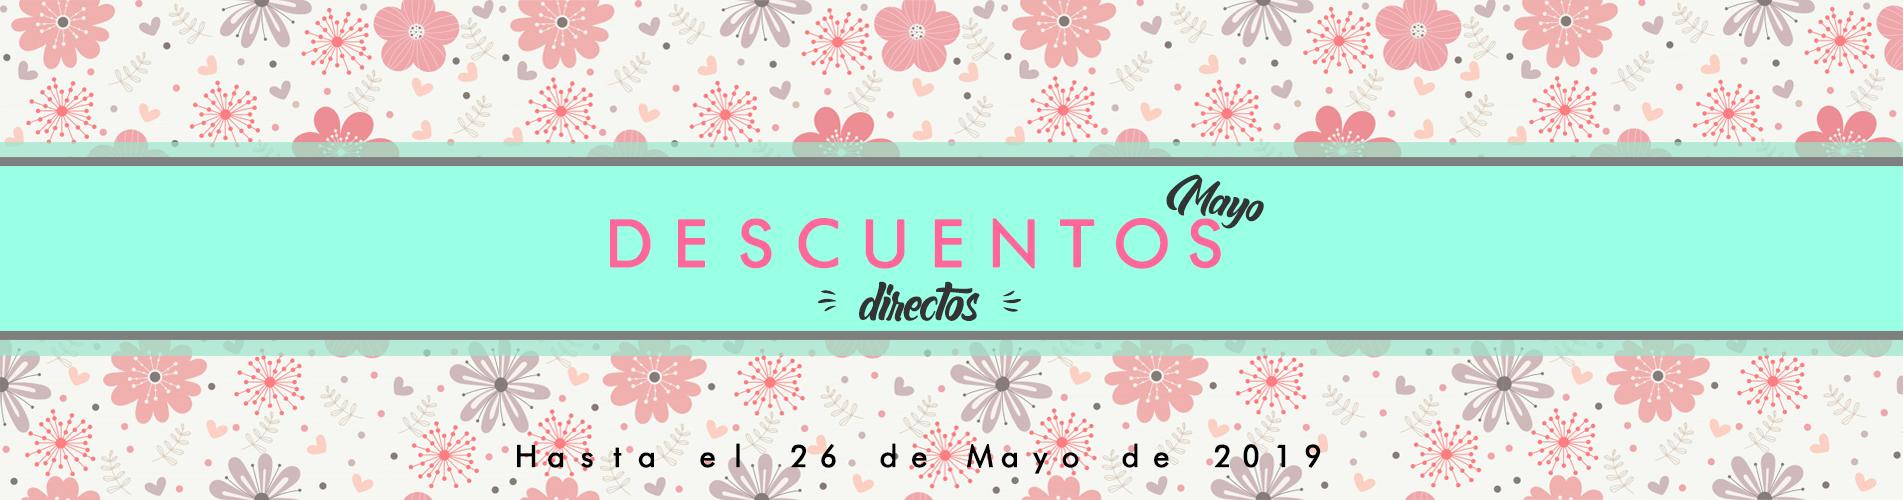 Descuentos directos ¡Bienvenido Mayo! hasta el 26-05-19